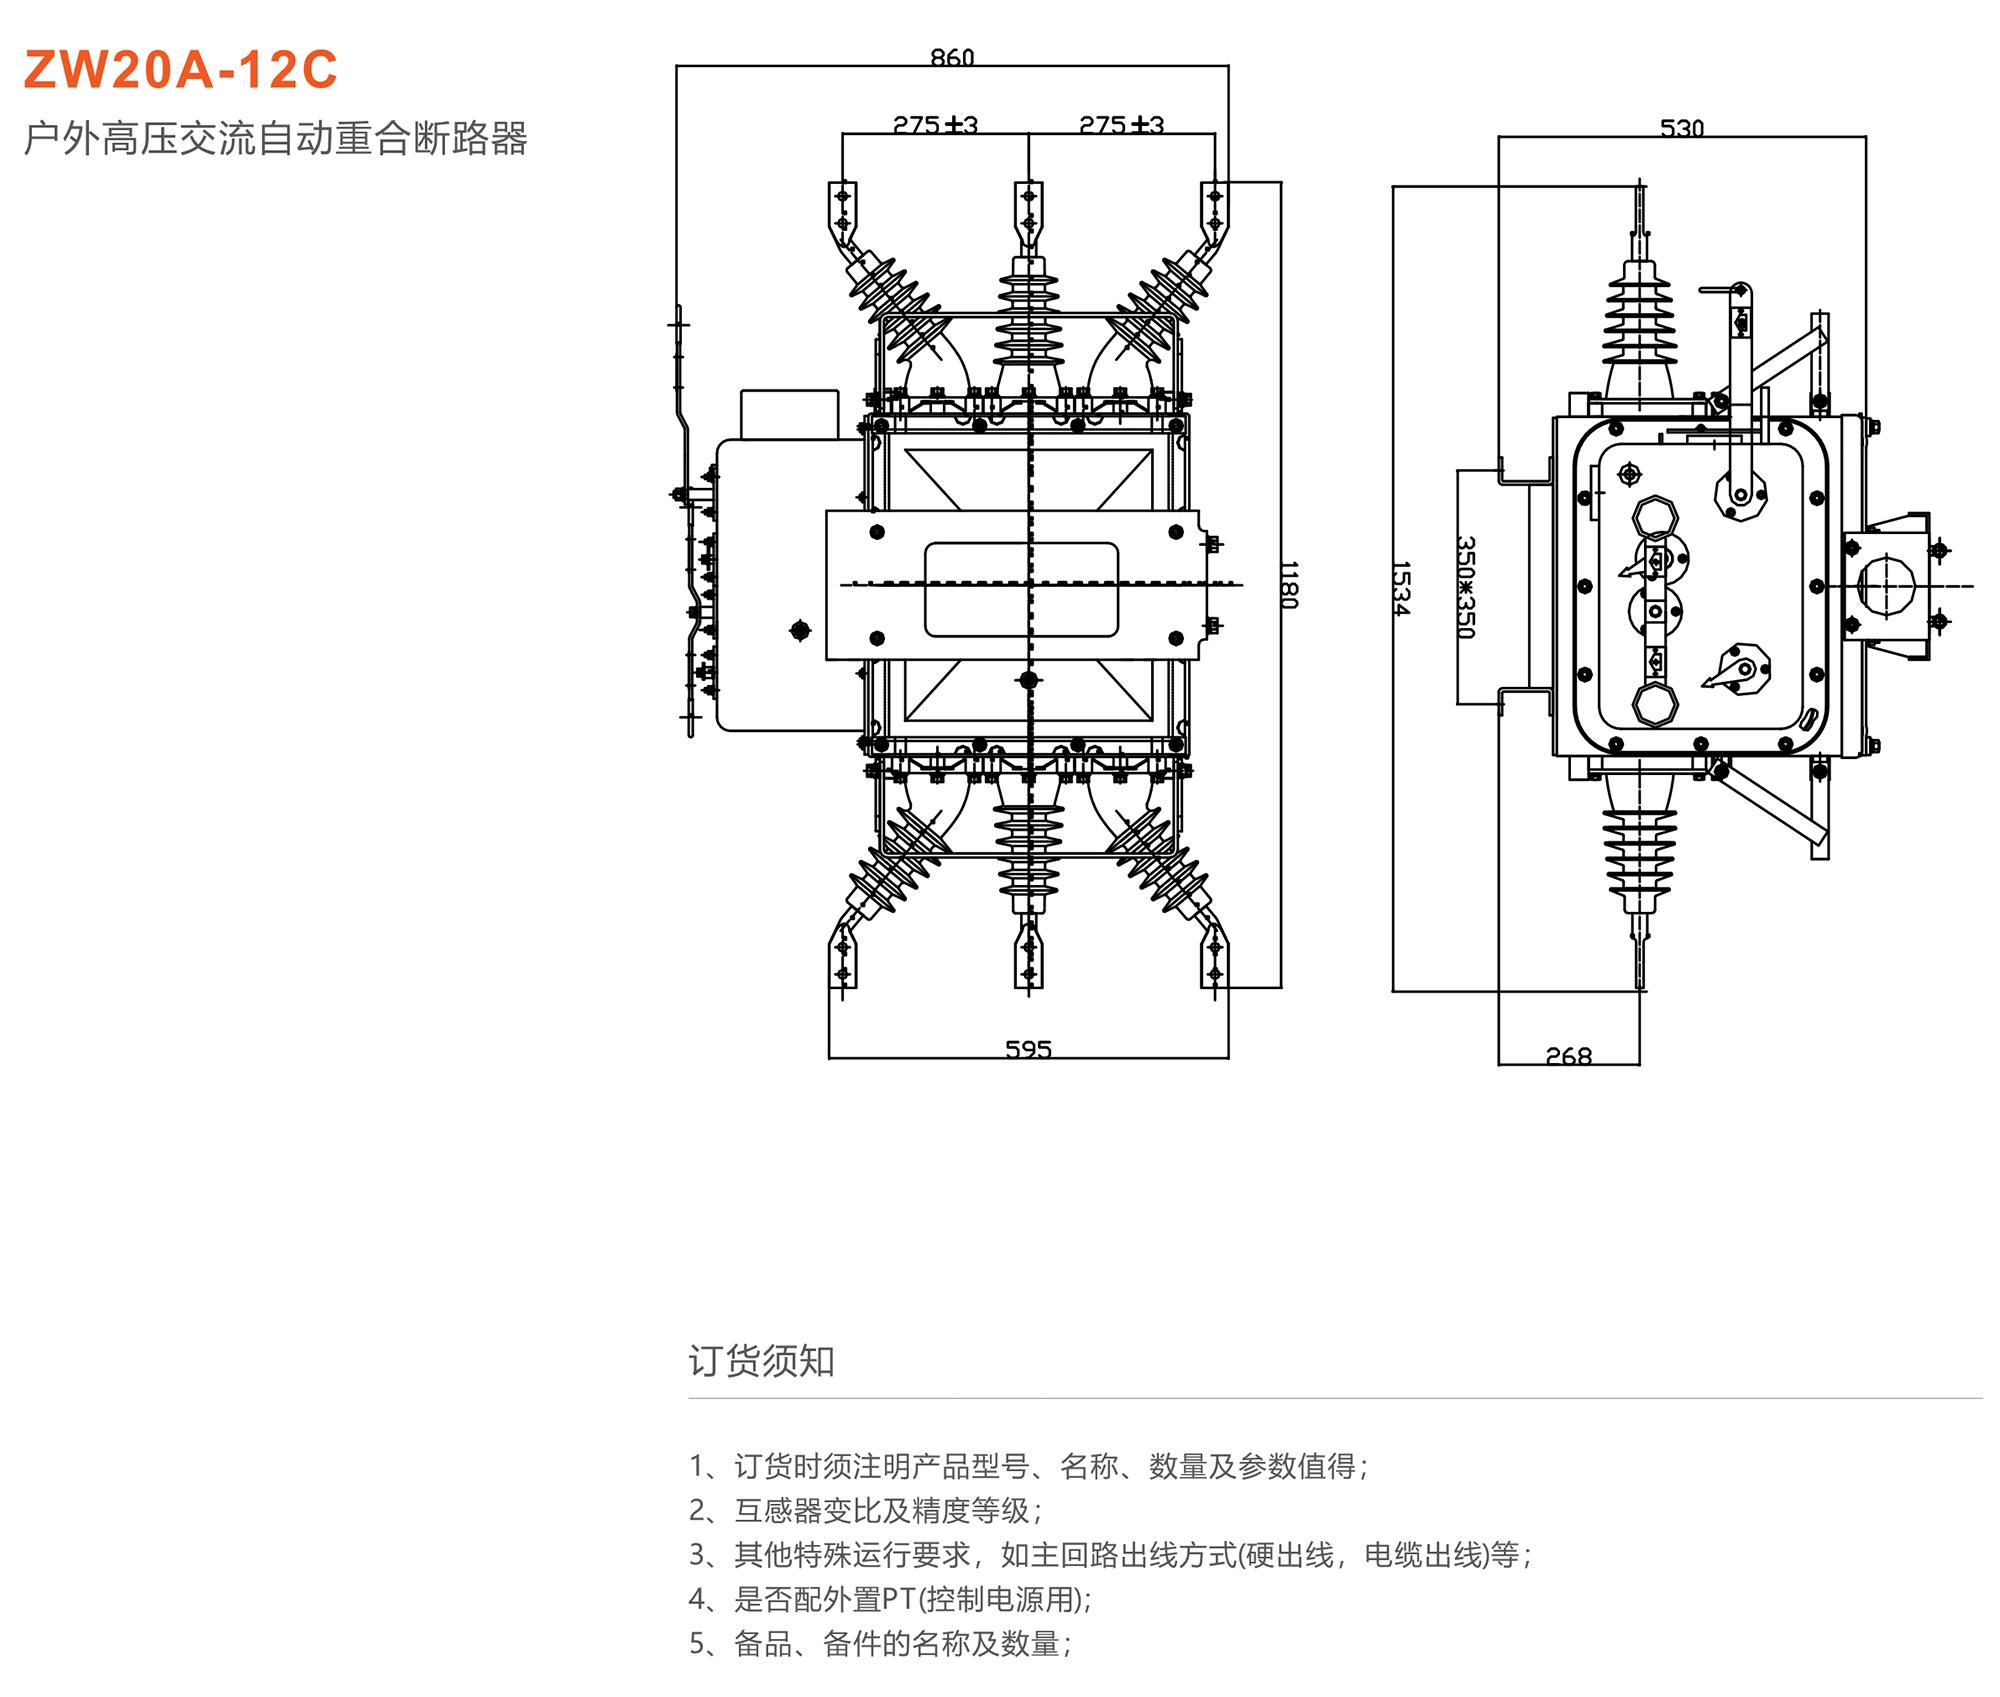 人民电器 ZW20A-12C我是误会阳正天了